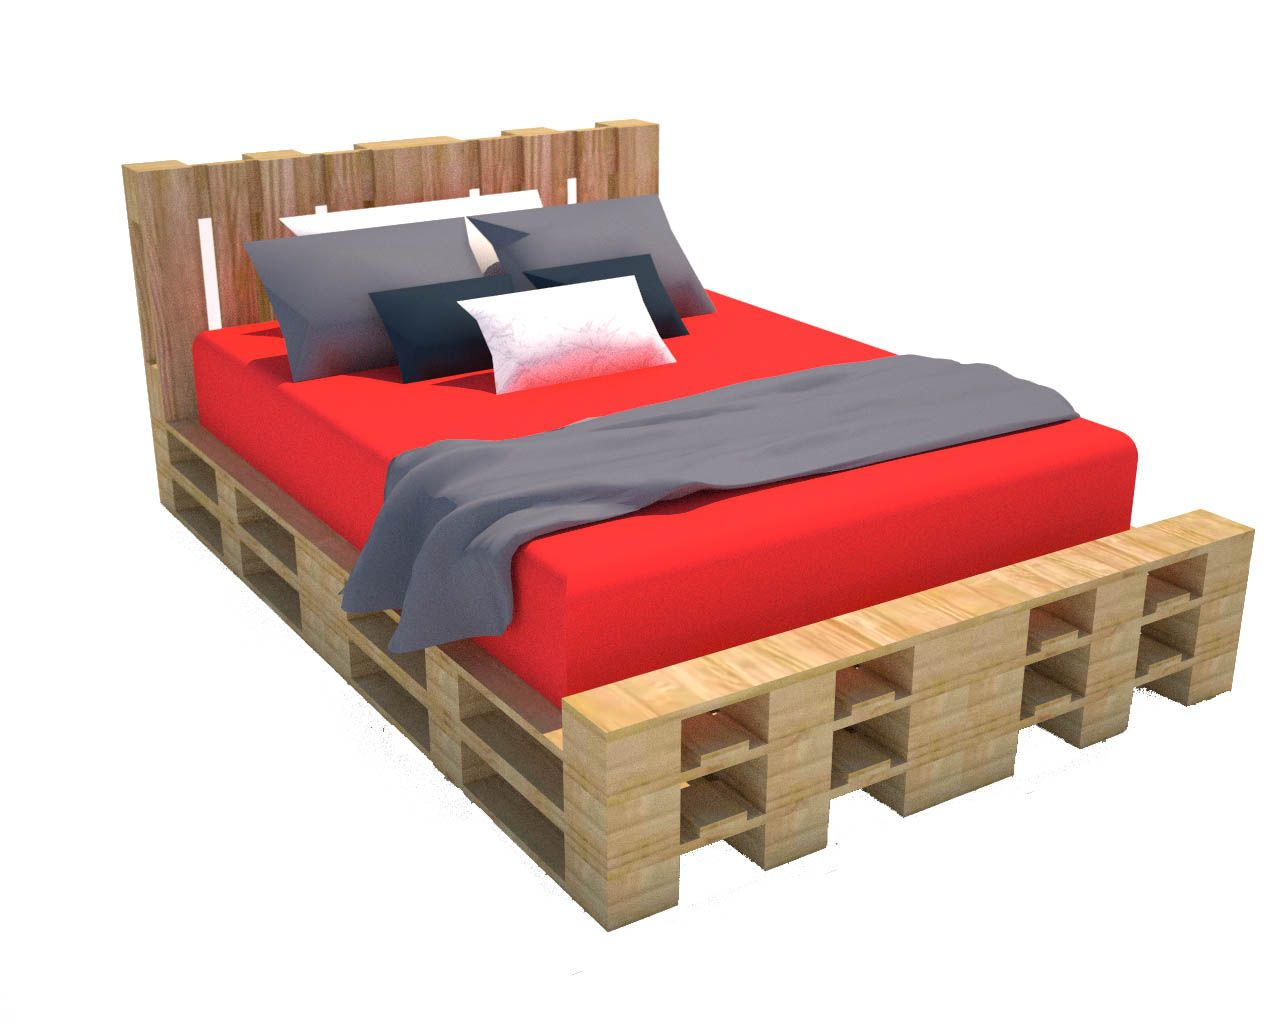 Come costruire un letto con pallet riciclati progetto - Costruire un letto a scomparsa ...